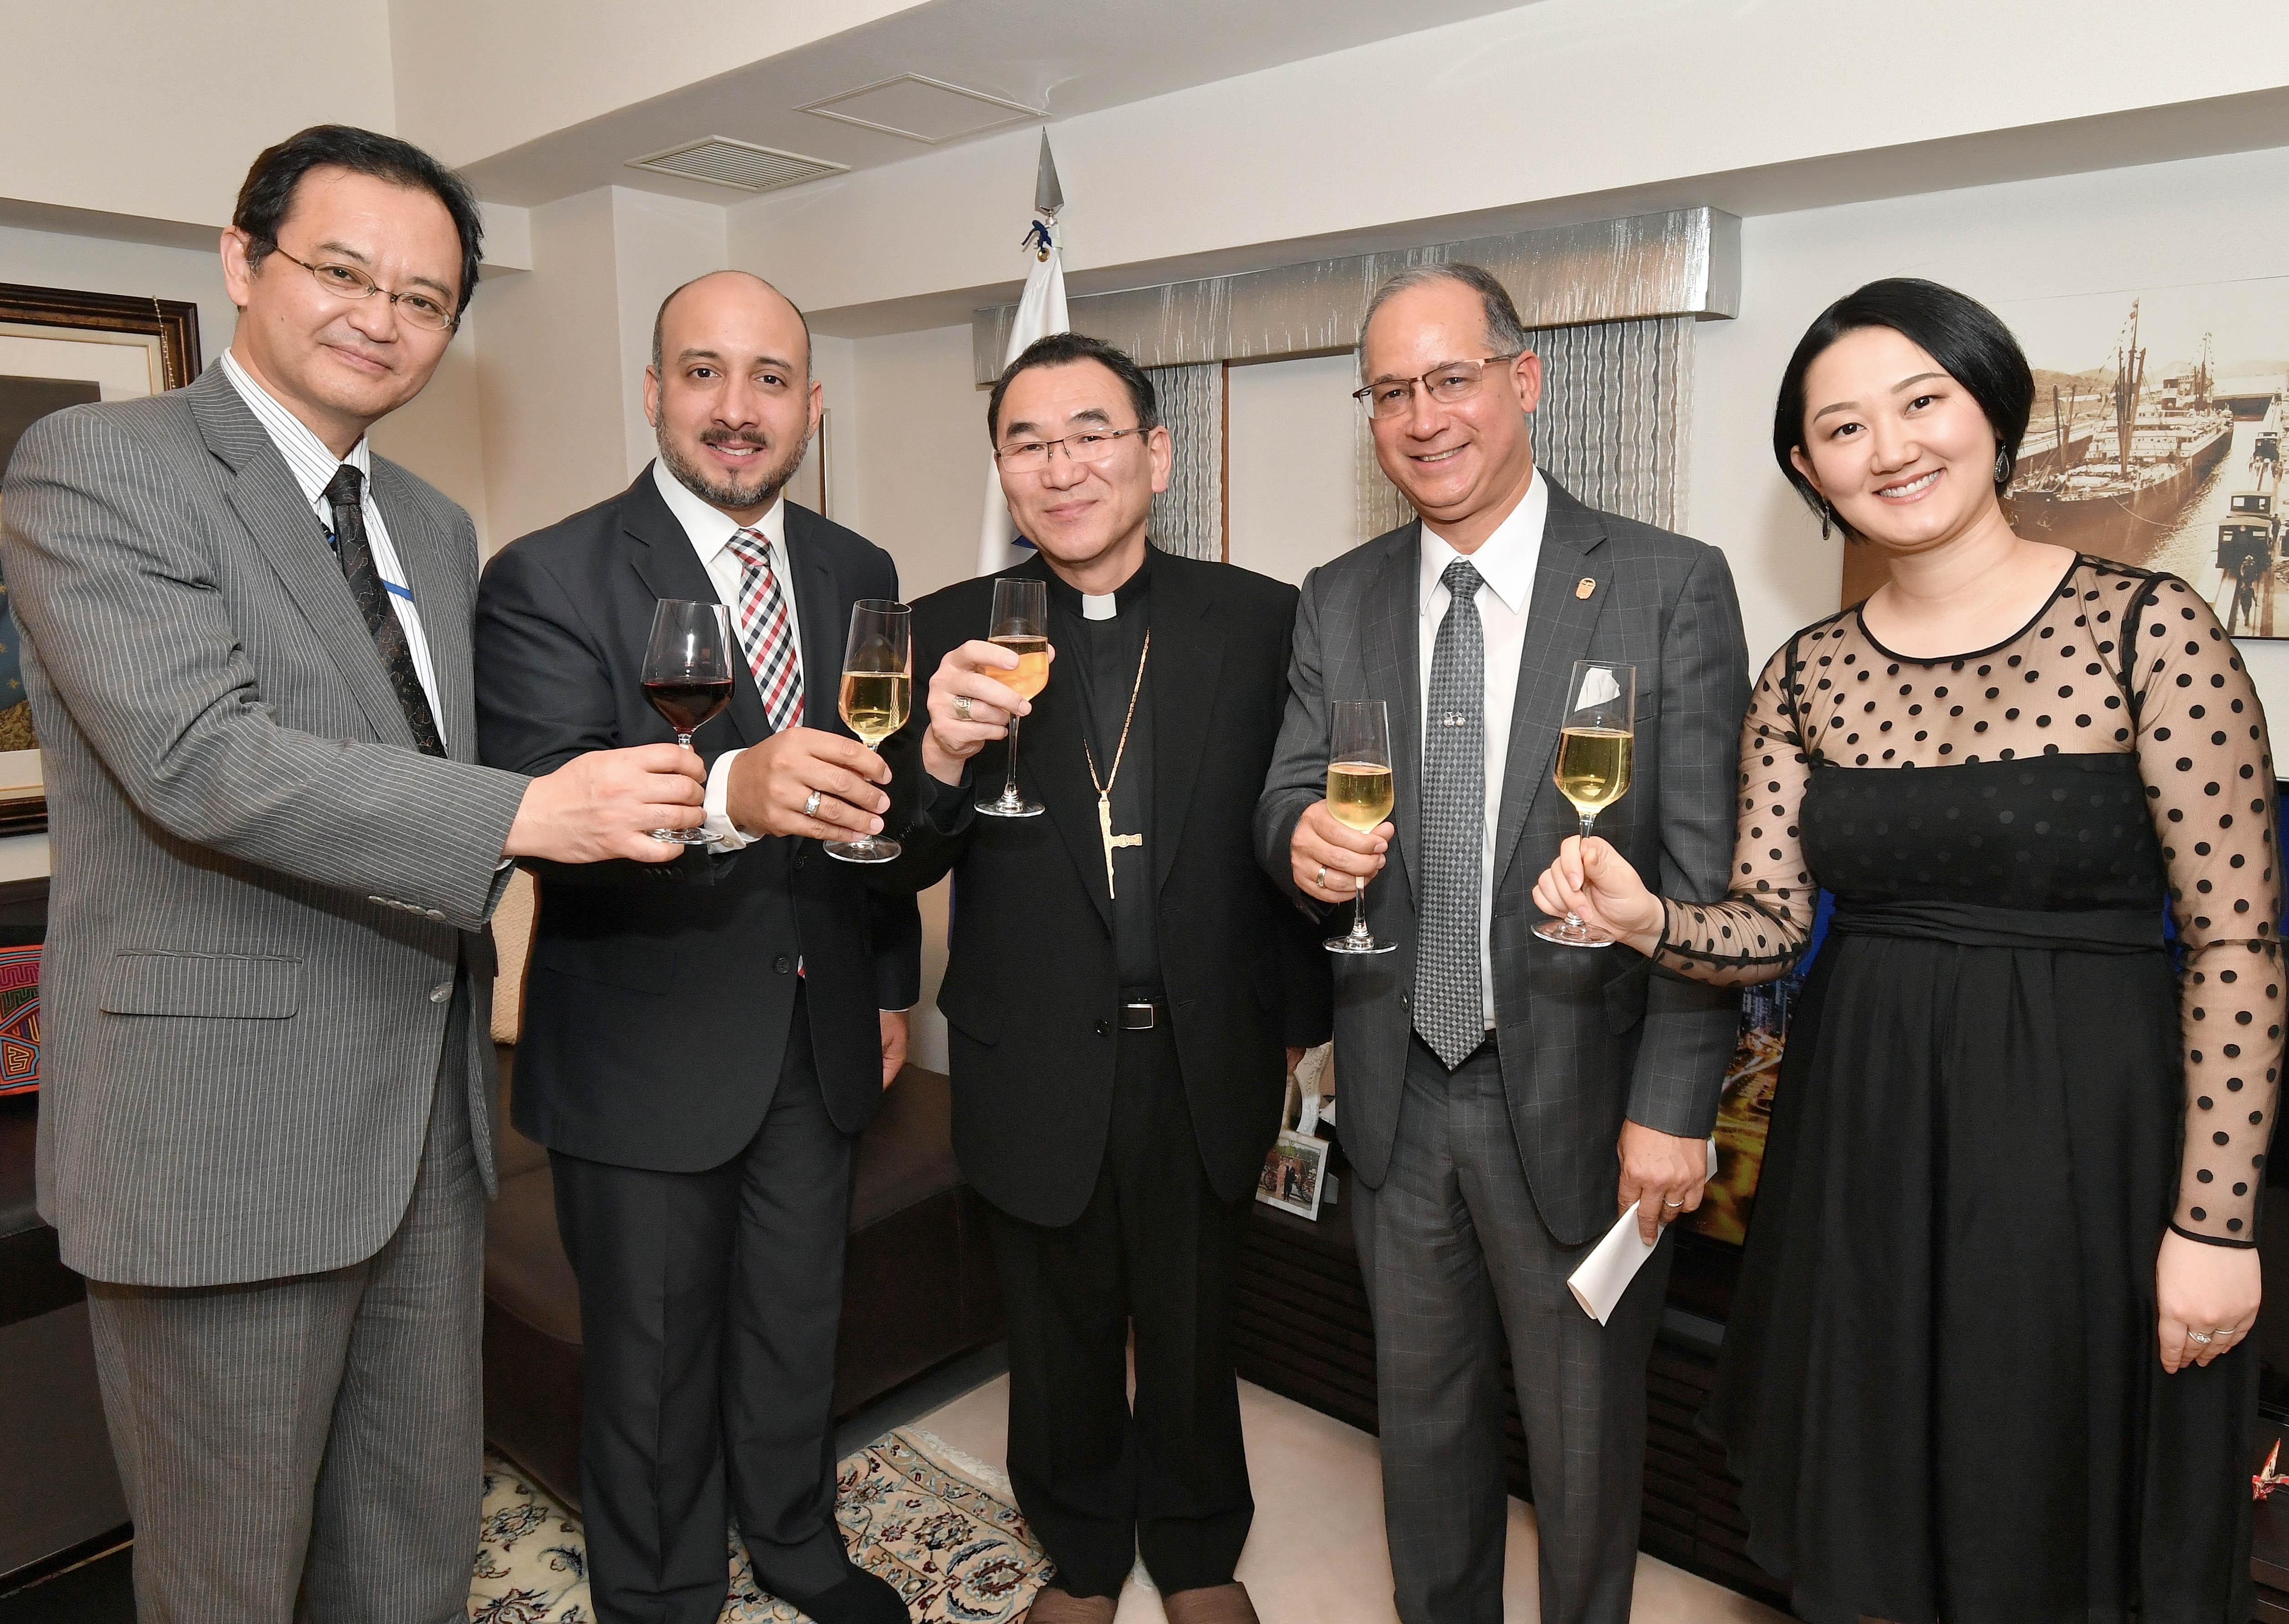 (左から),外務省中南米局長、パナマ海事庁長官、東京大司教、駐日 パナマ大使、大使夫人、東京大司教による乾杯の様子